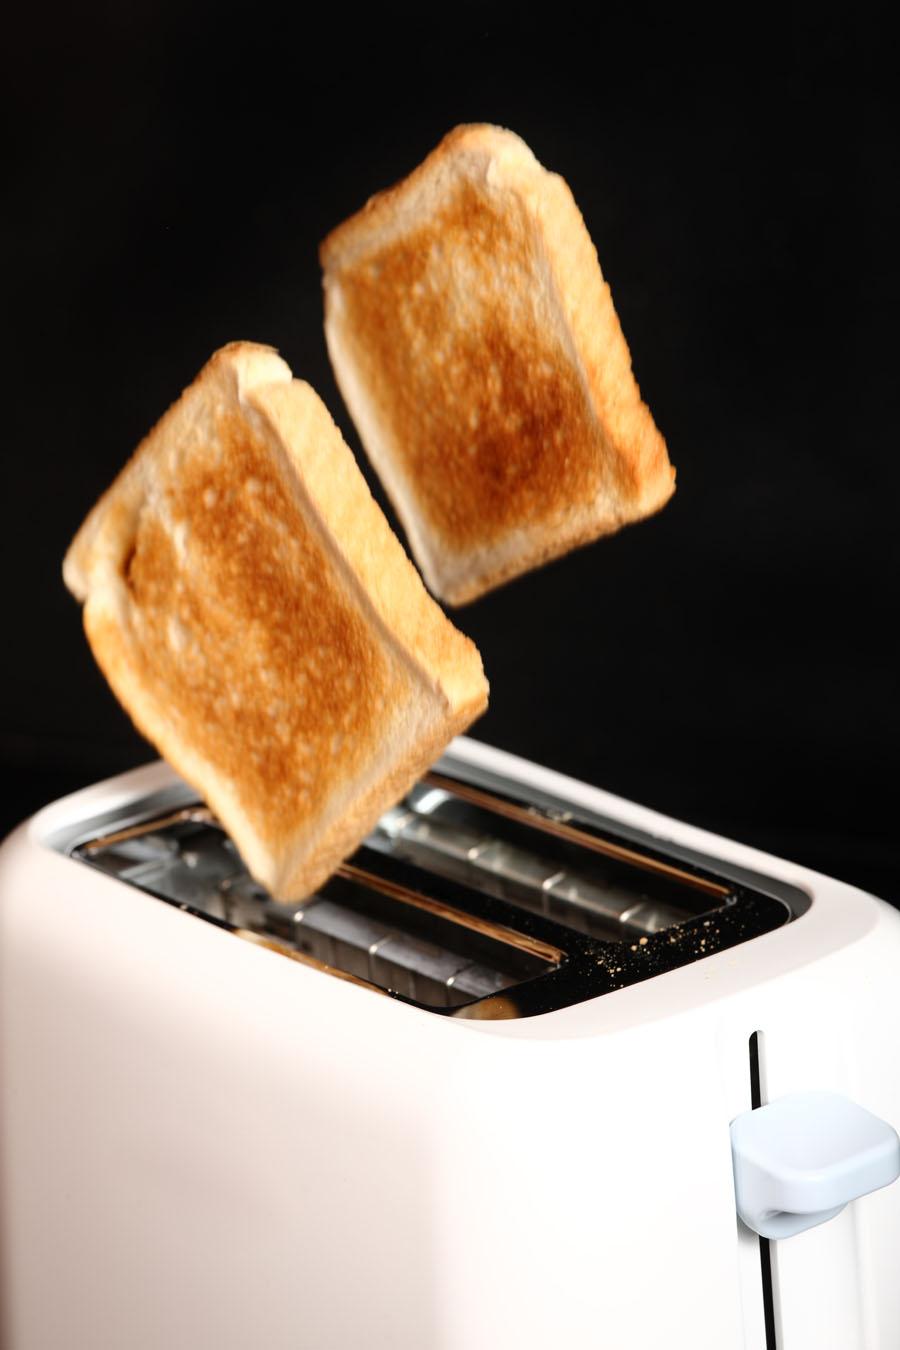 Польза хлеба из тостера